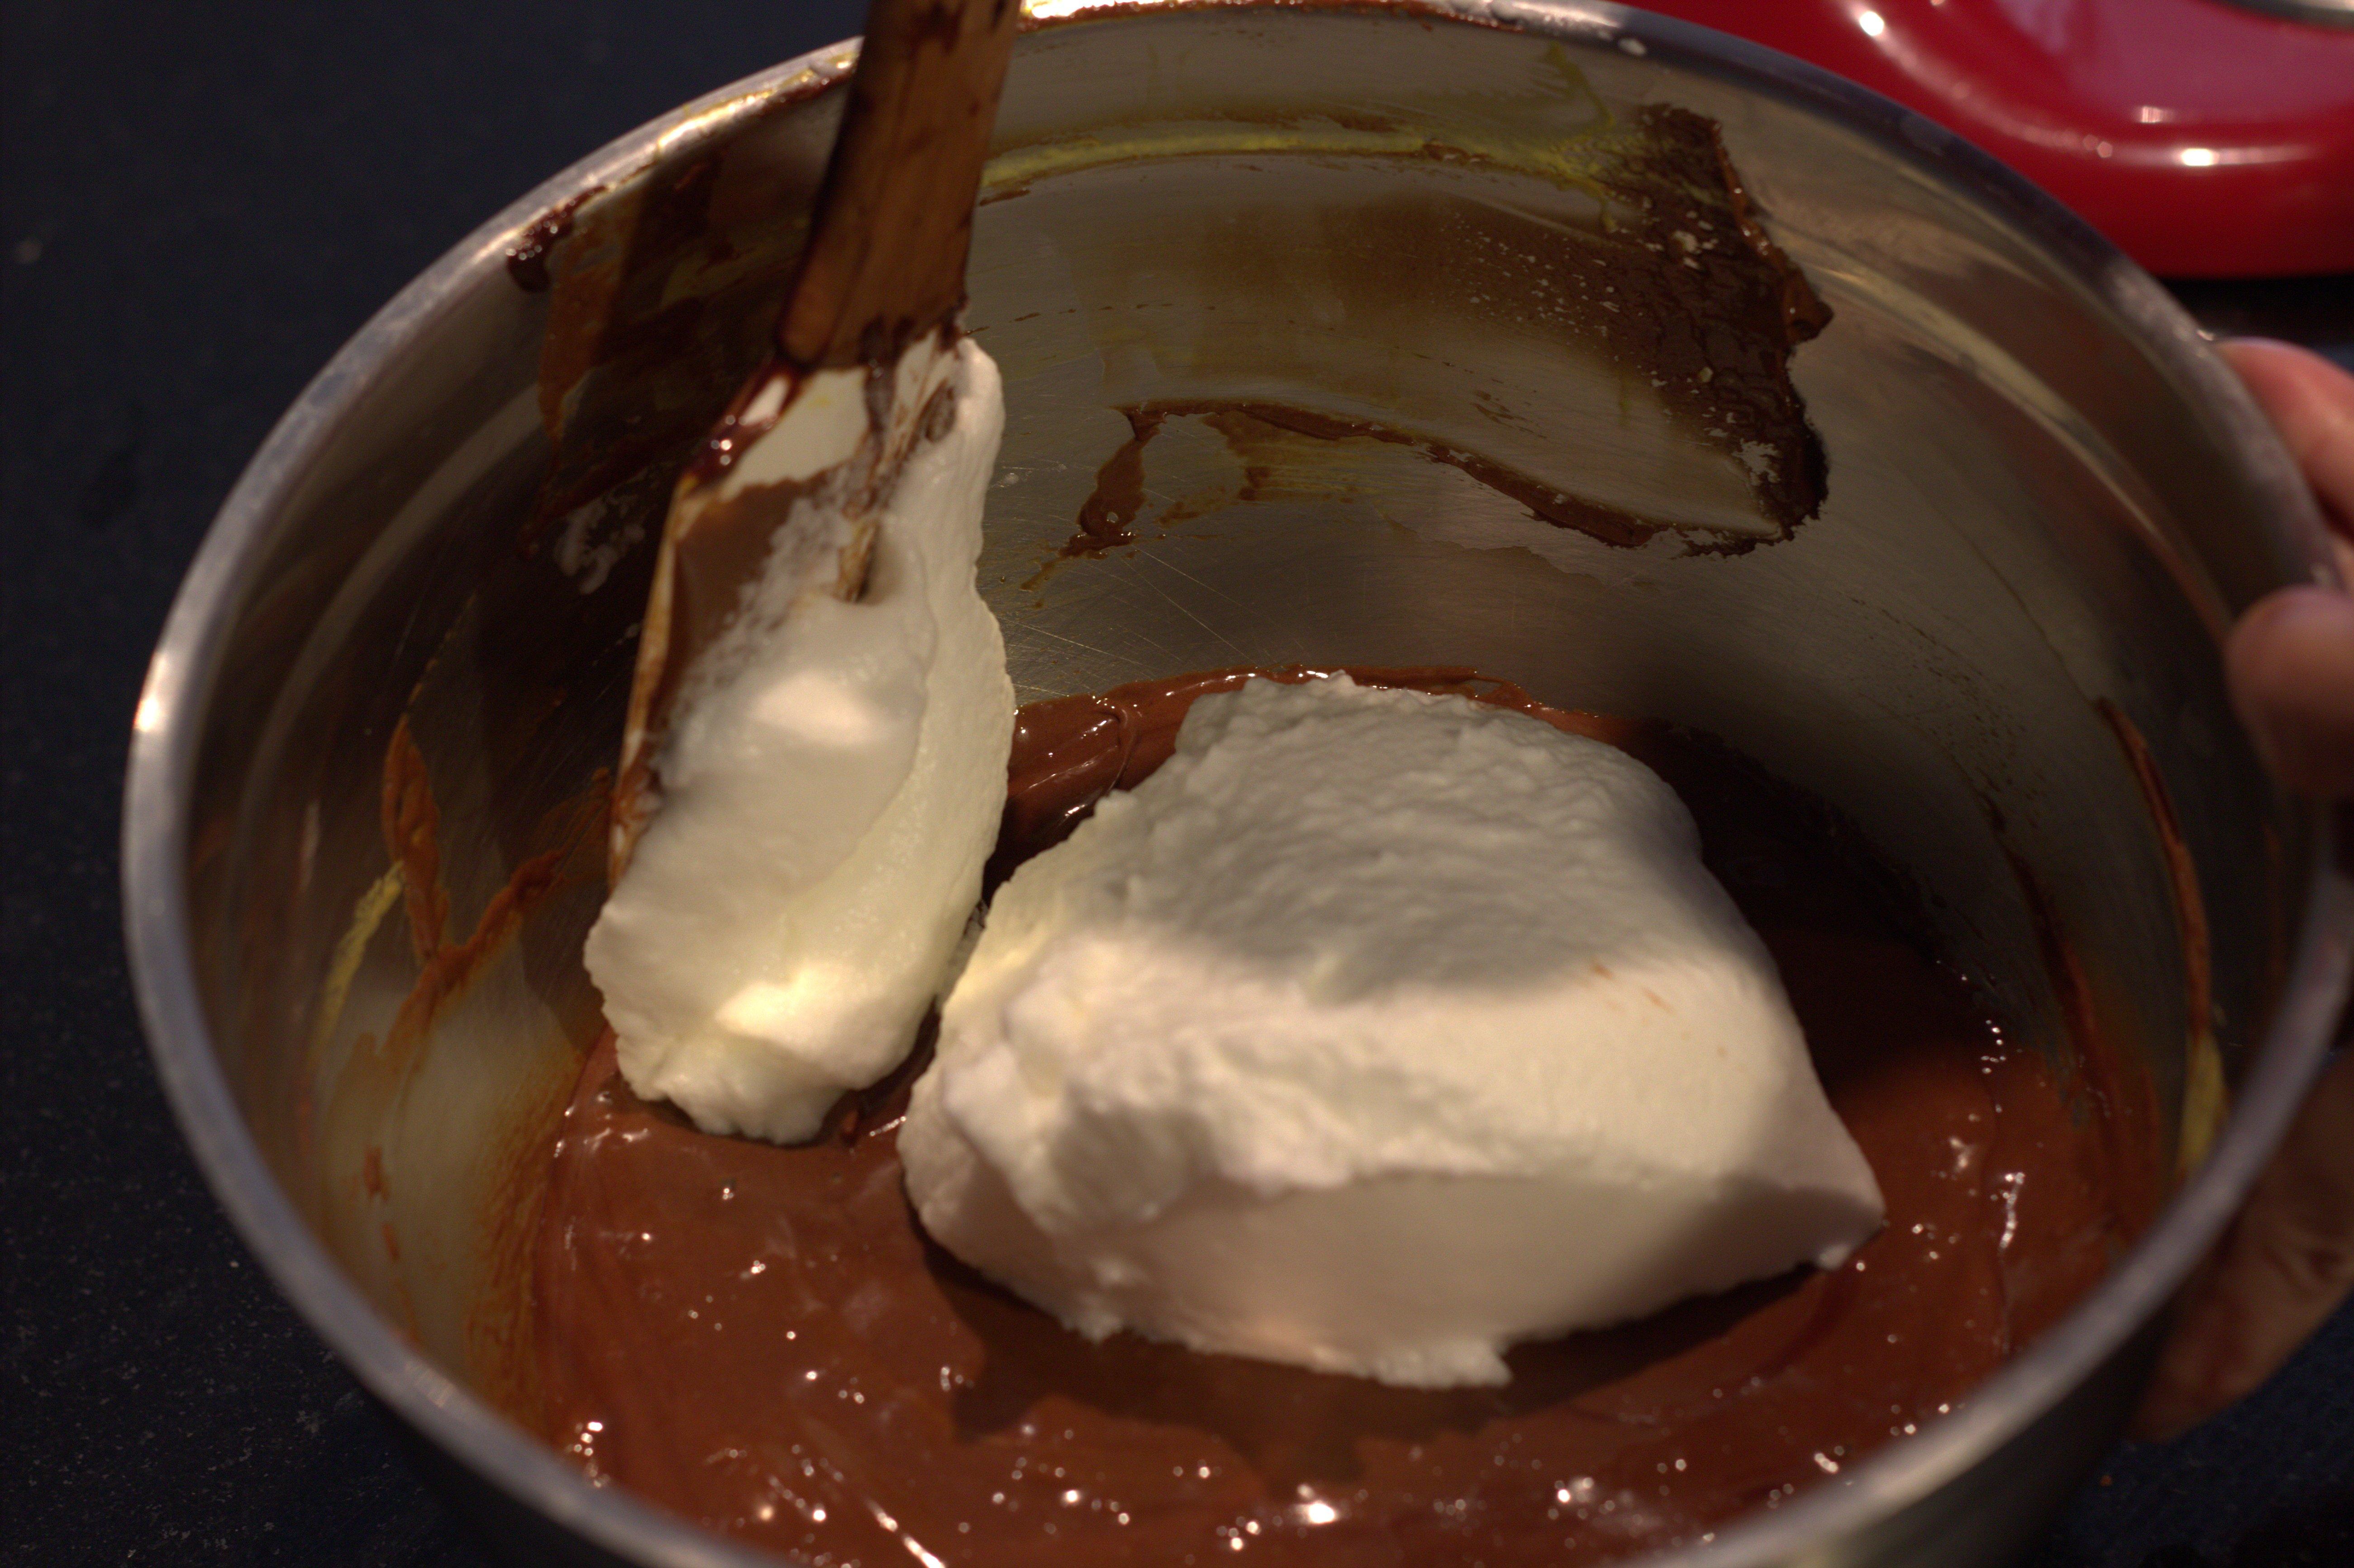 Mousse au chocolat aux 3 parfums sans sucre ajouté